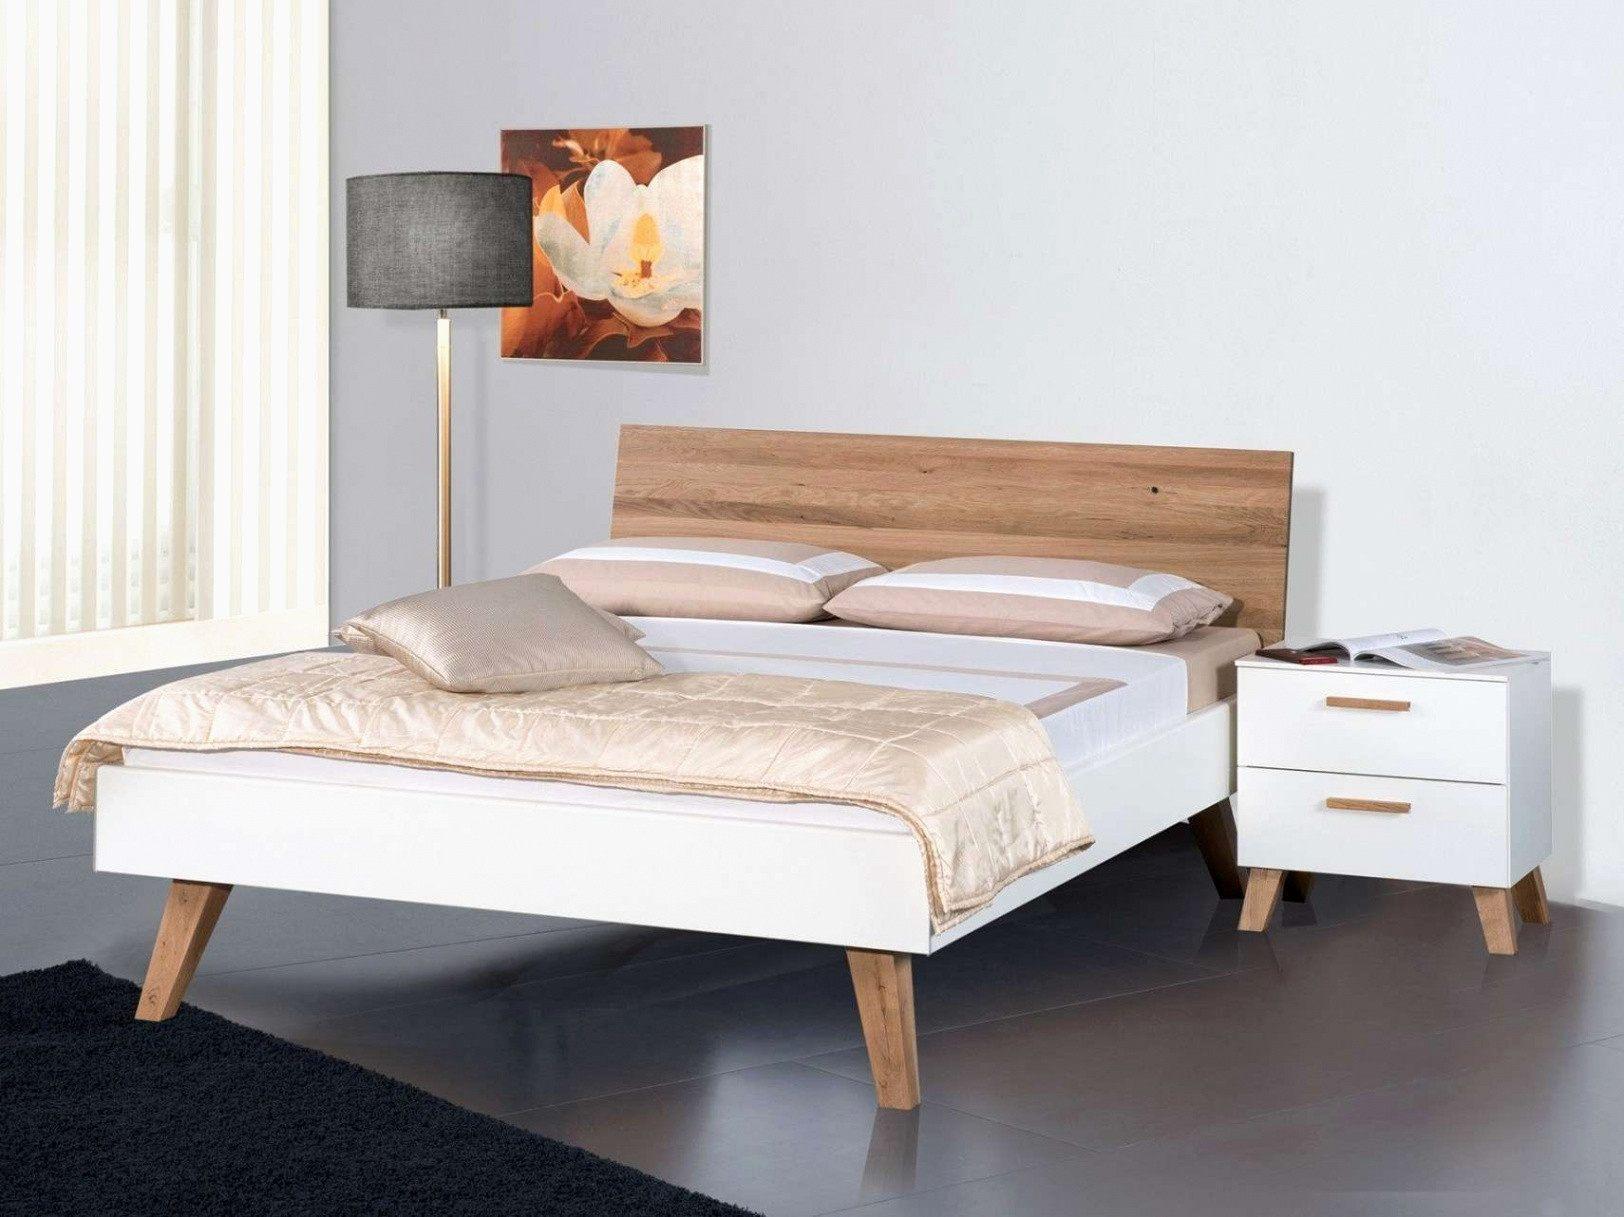 cadre de lit 160 200 pas cher belle superbe cadre de lit. Black Bedroom Furniture Sets. Home Design Ideas